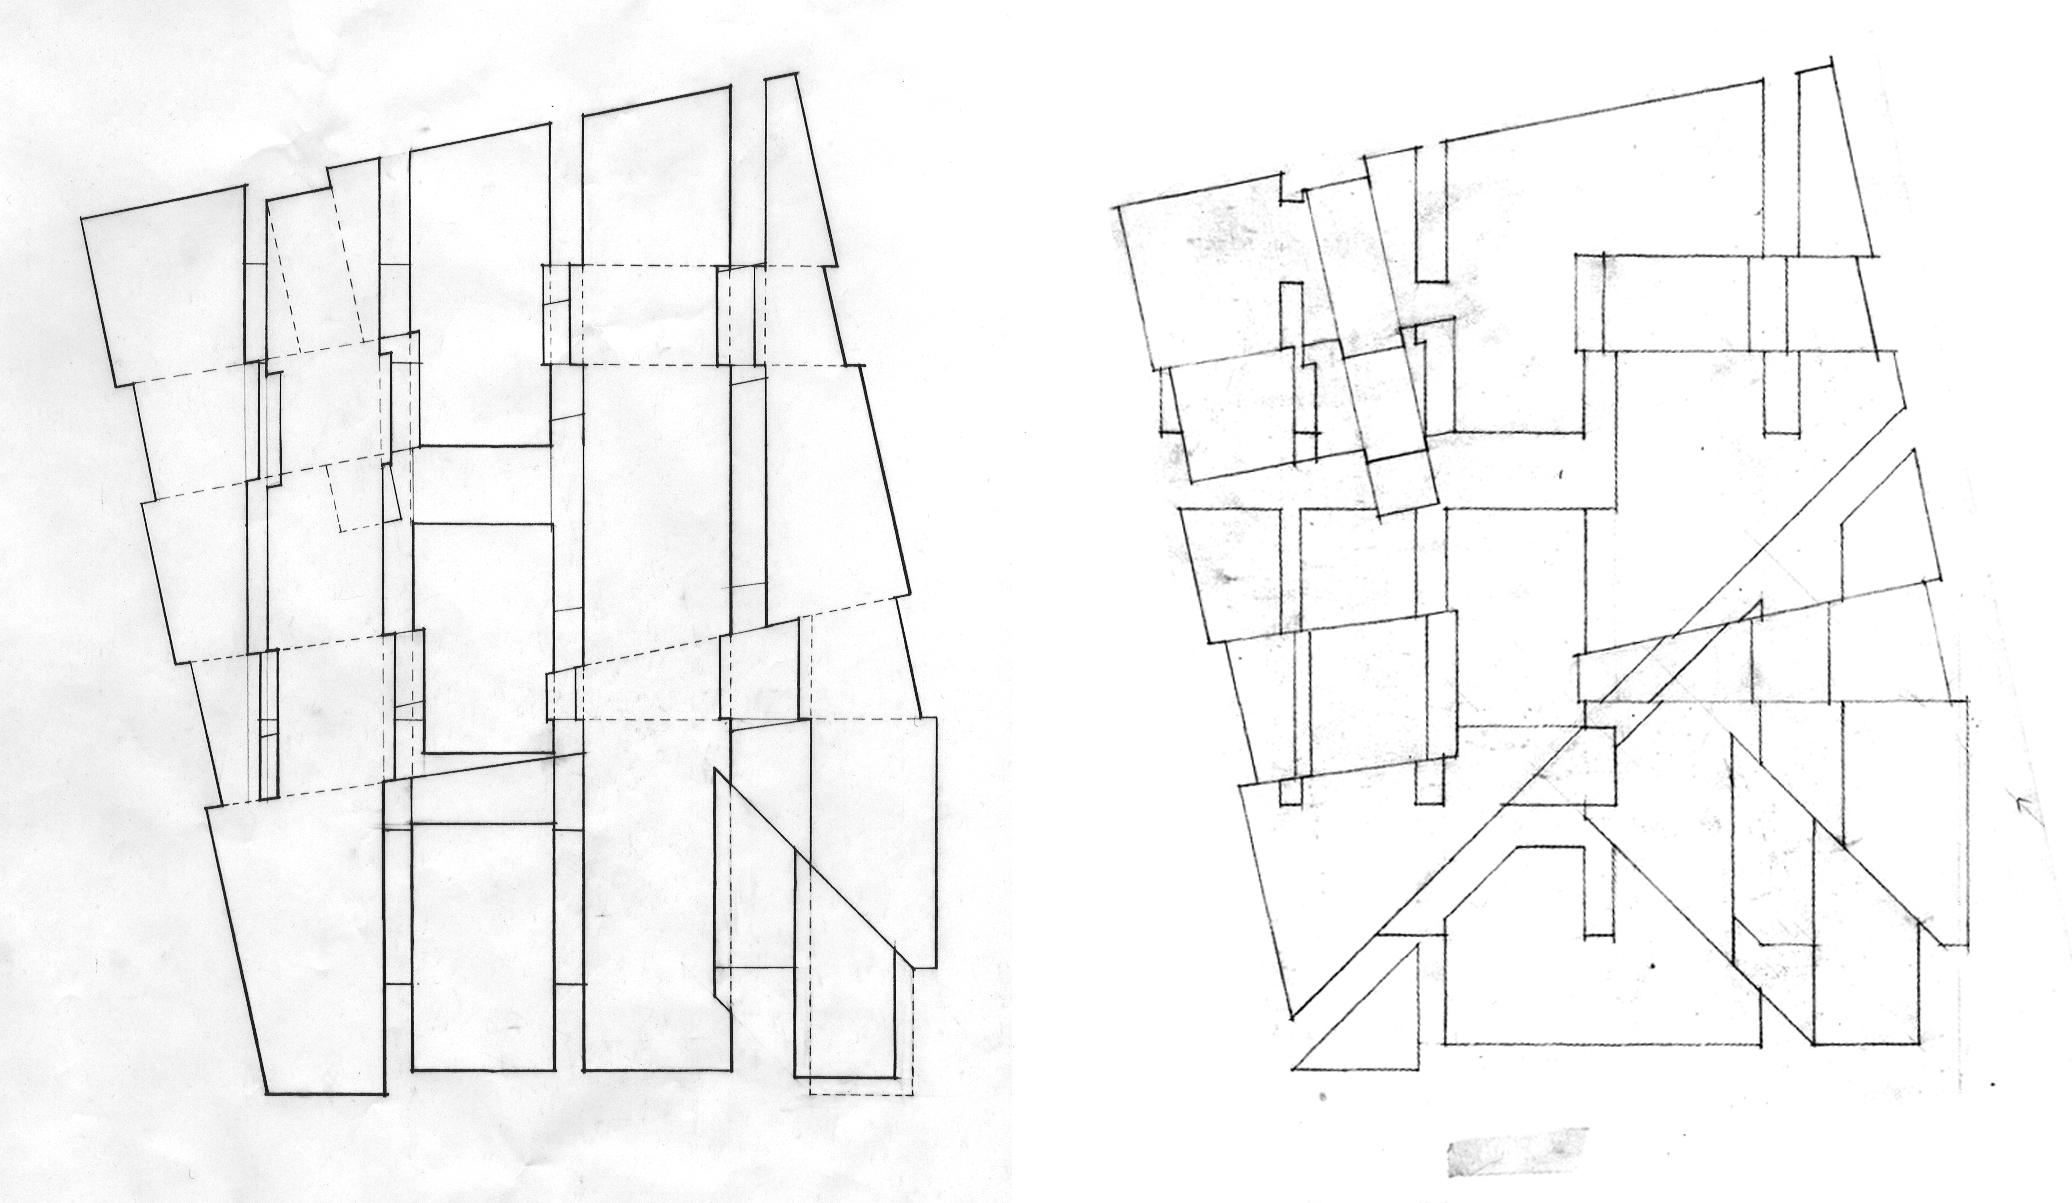 华黎在耶鲁的课程设计:耶鲁建筑系馆设计图解